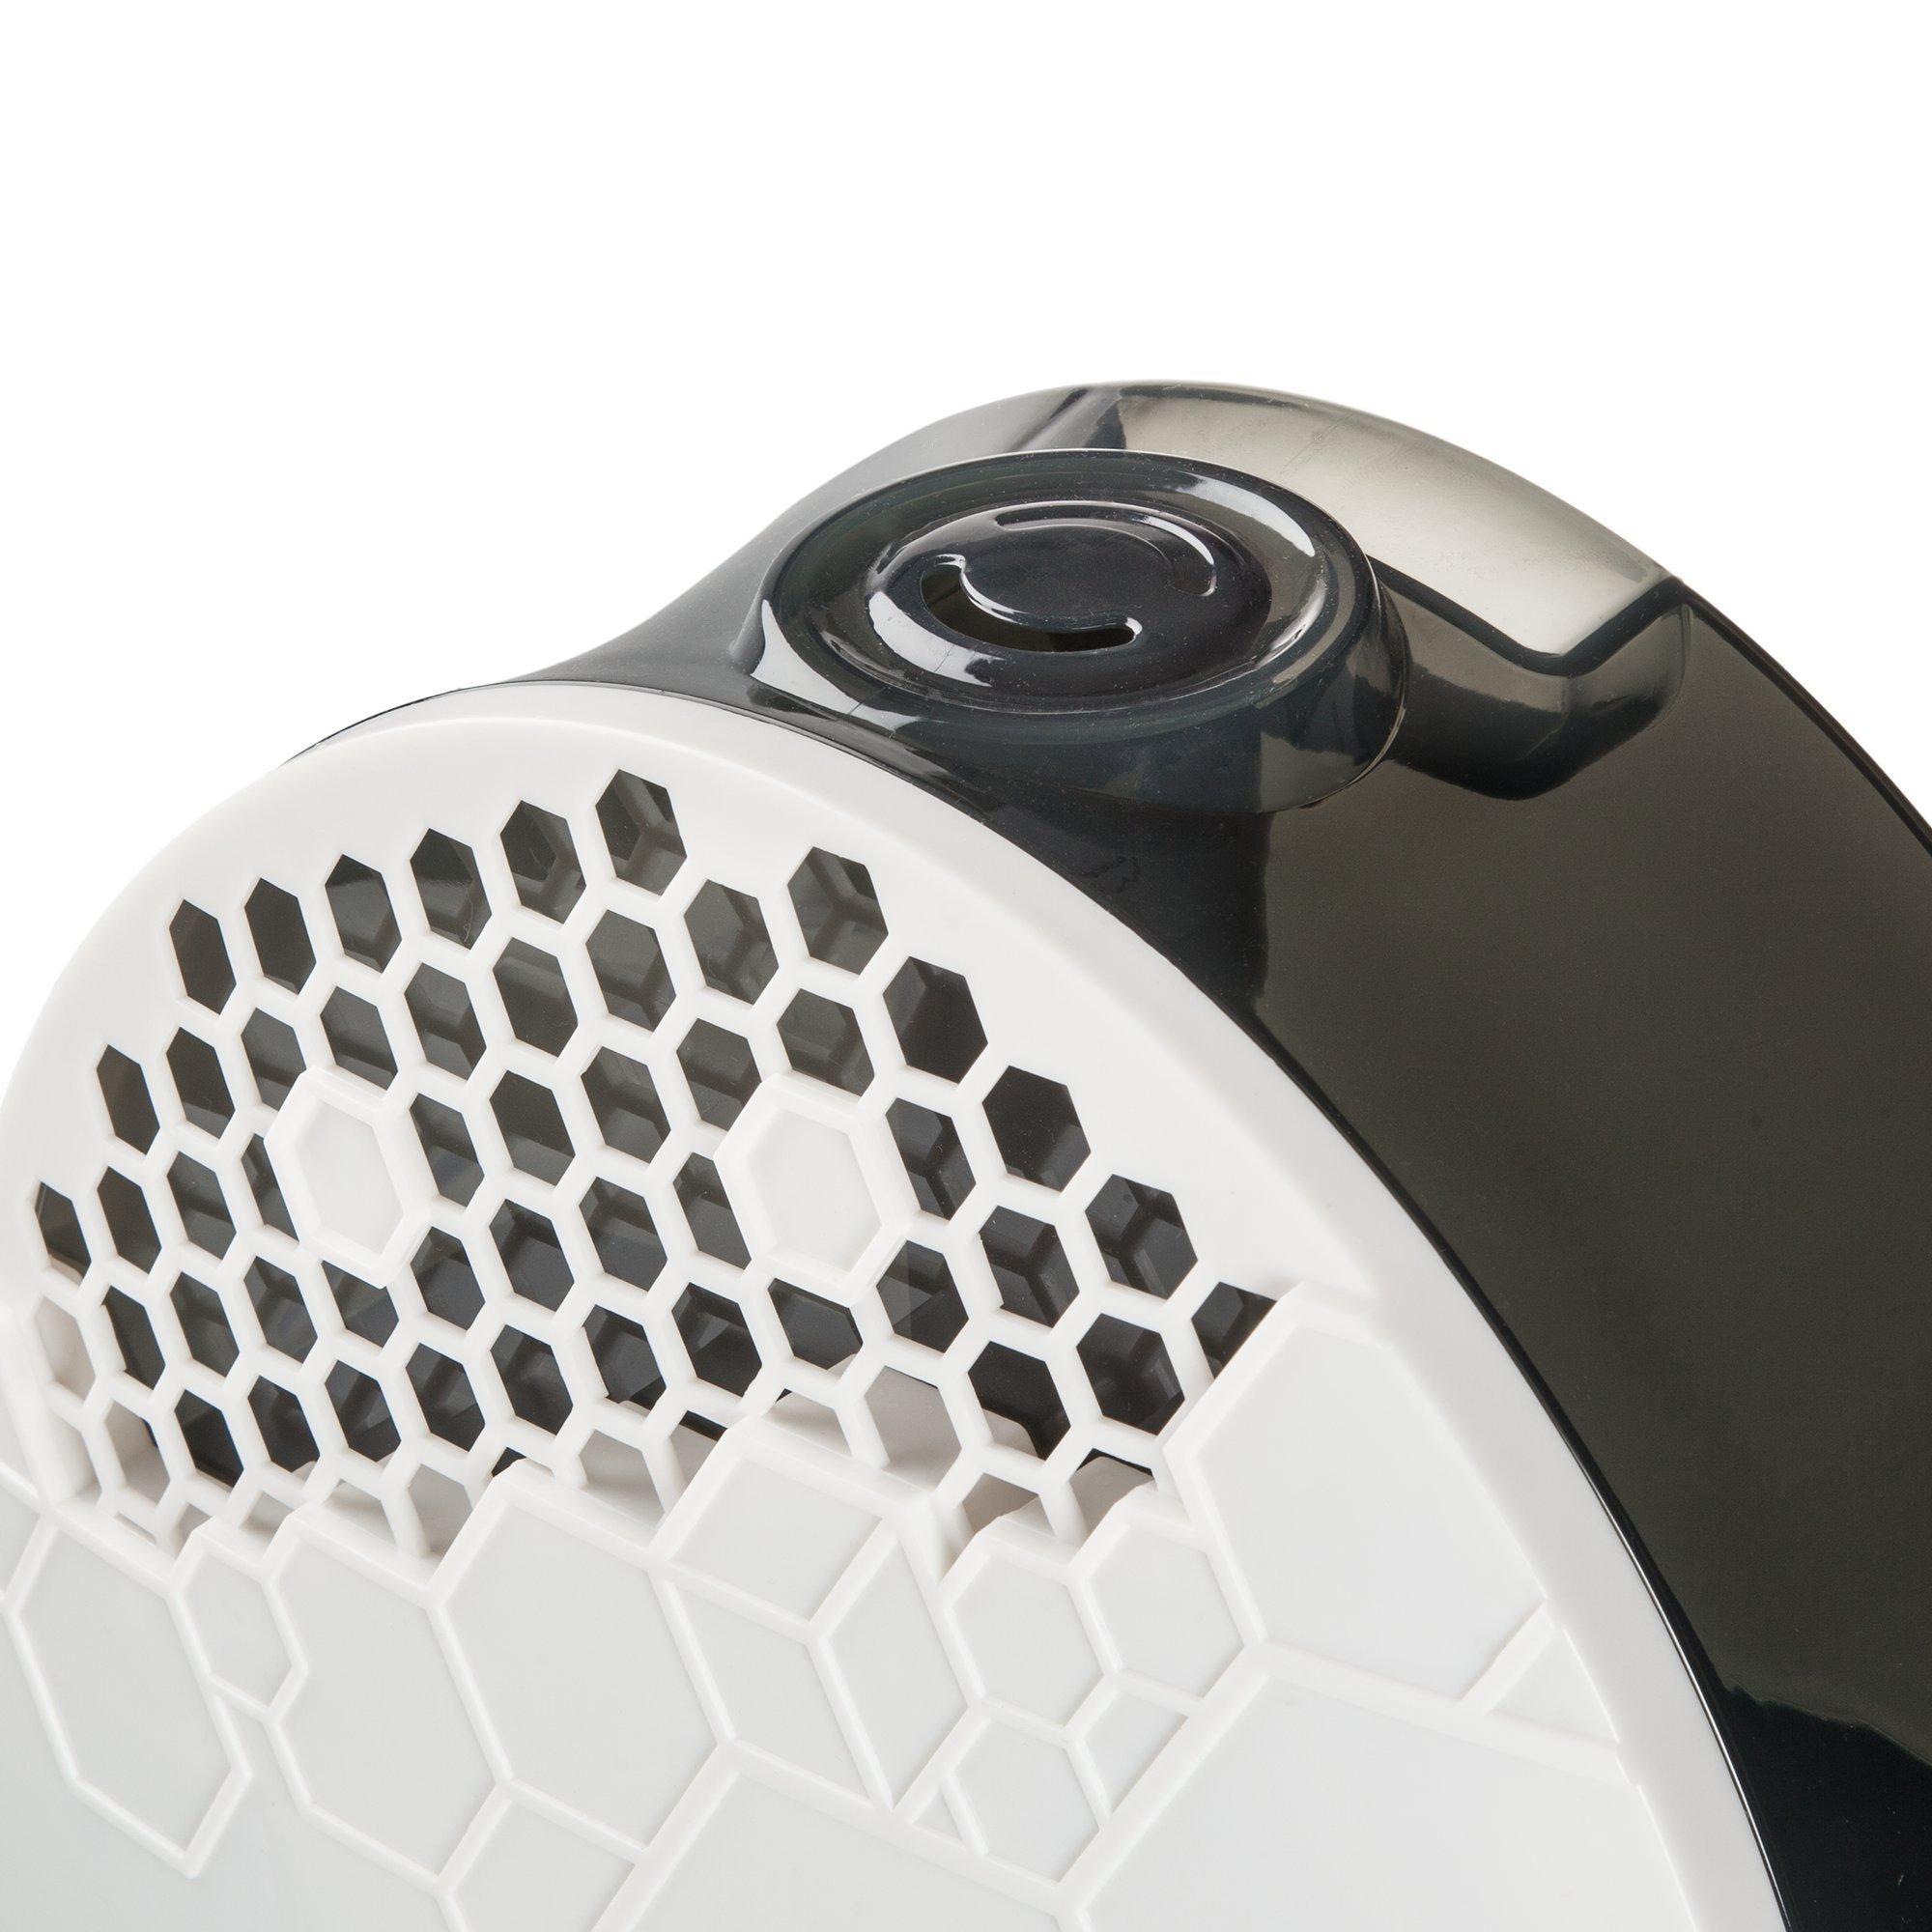 bajo Consumo Caudal Regulable 4L silencioso Oralteck USA Boston Tech WE-109 Humidificador de Gran Capacidad Ultrasonico Vapor Frio